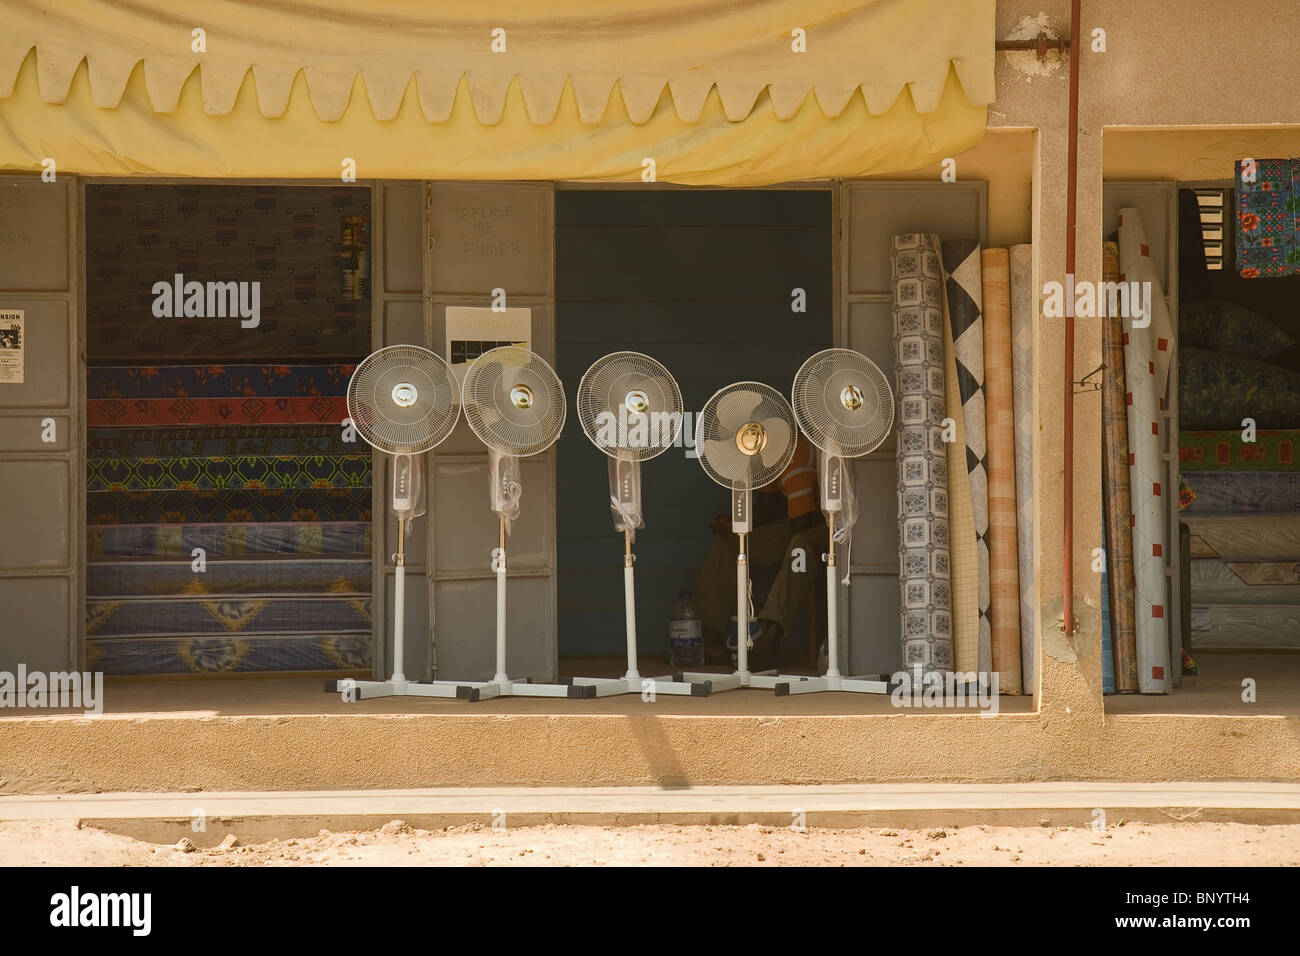 Ventiladores eléctricos en Senegal Imagen De Stock